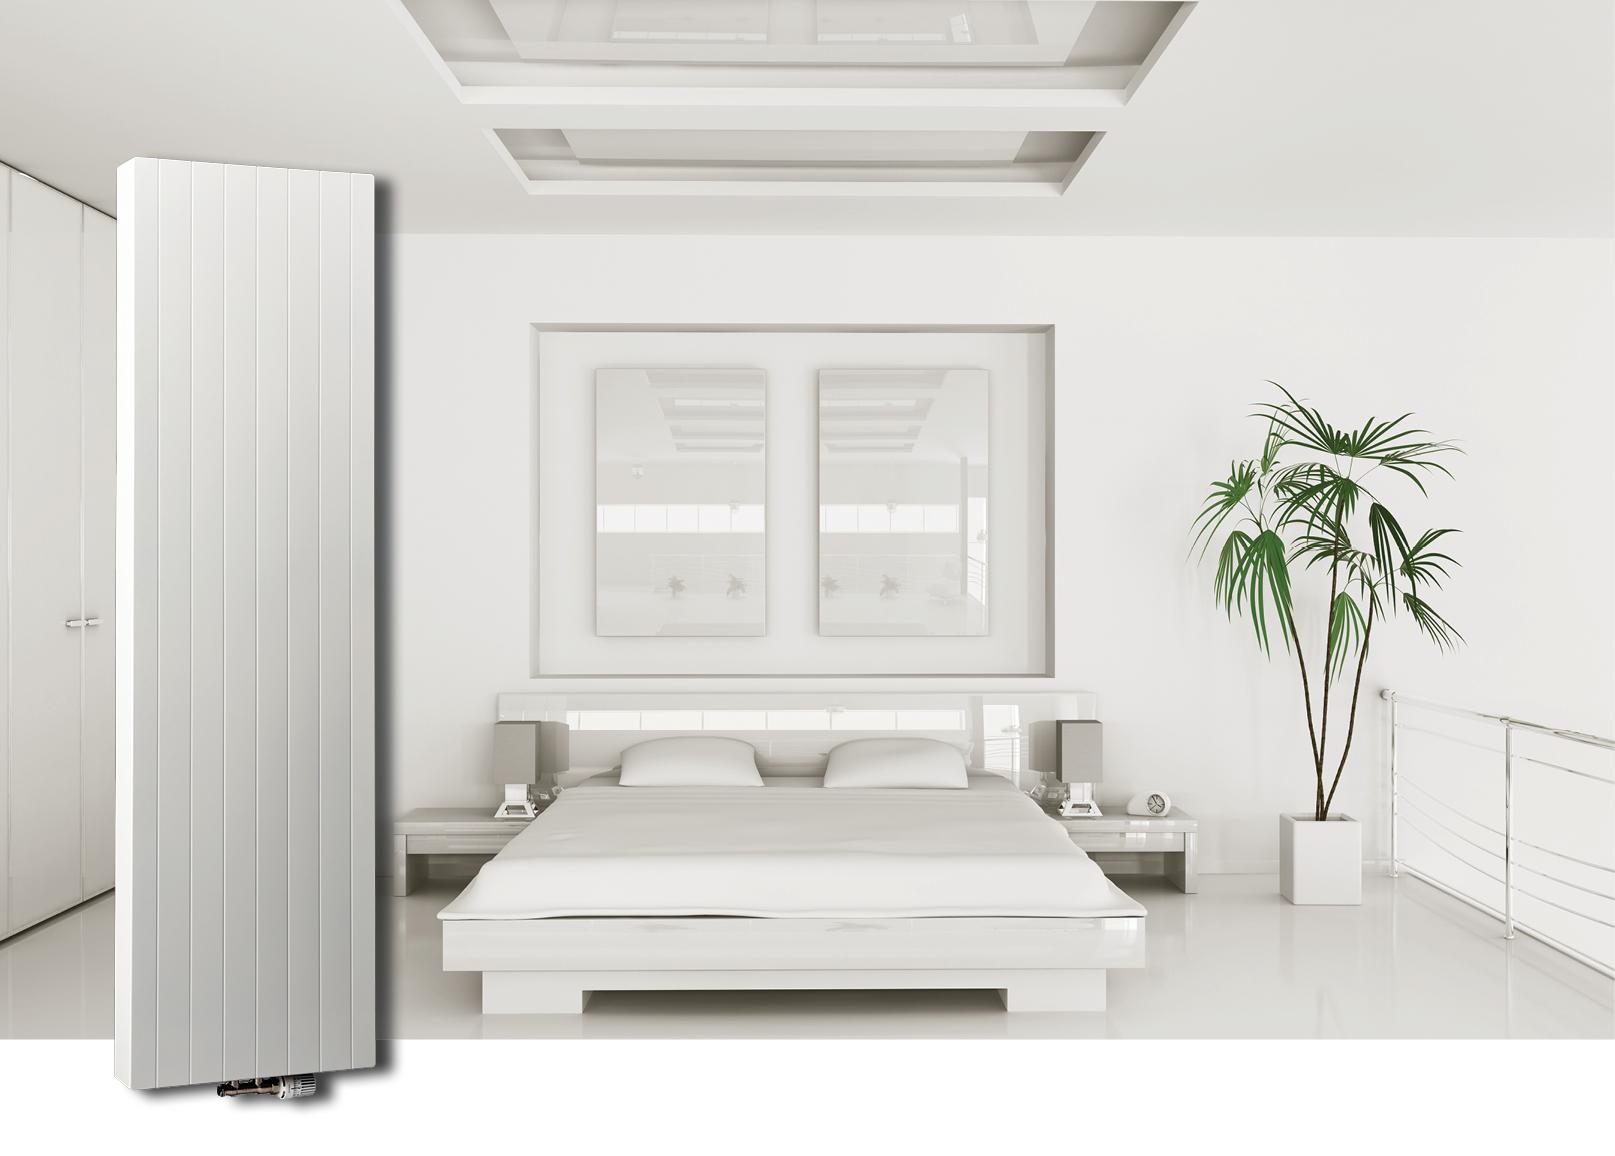 slaapkamer radiator